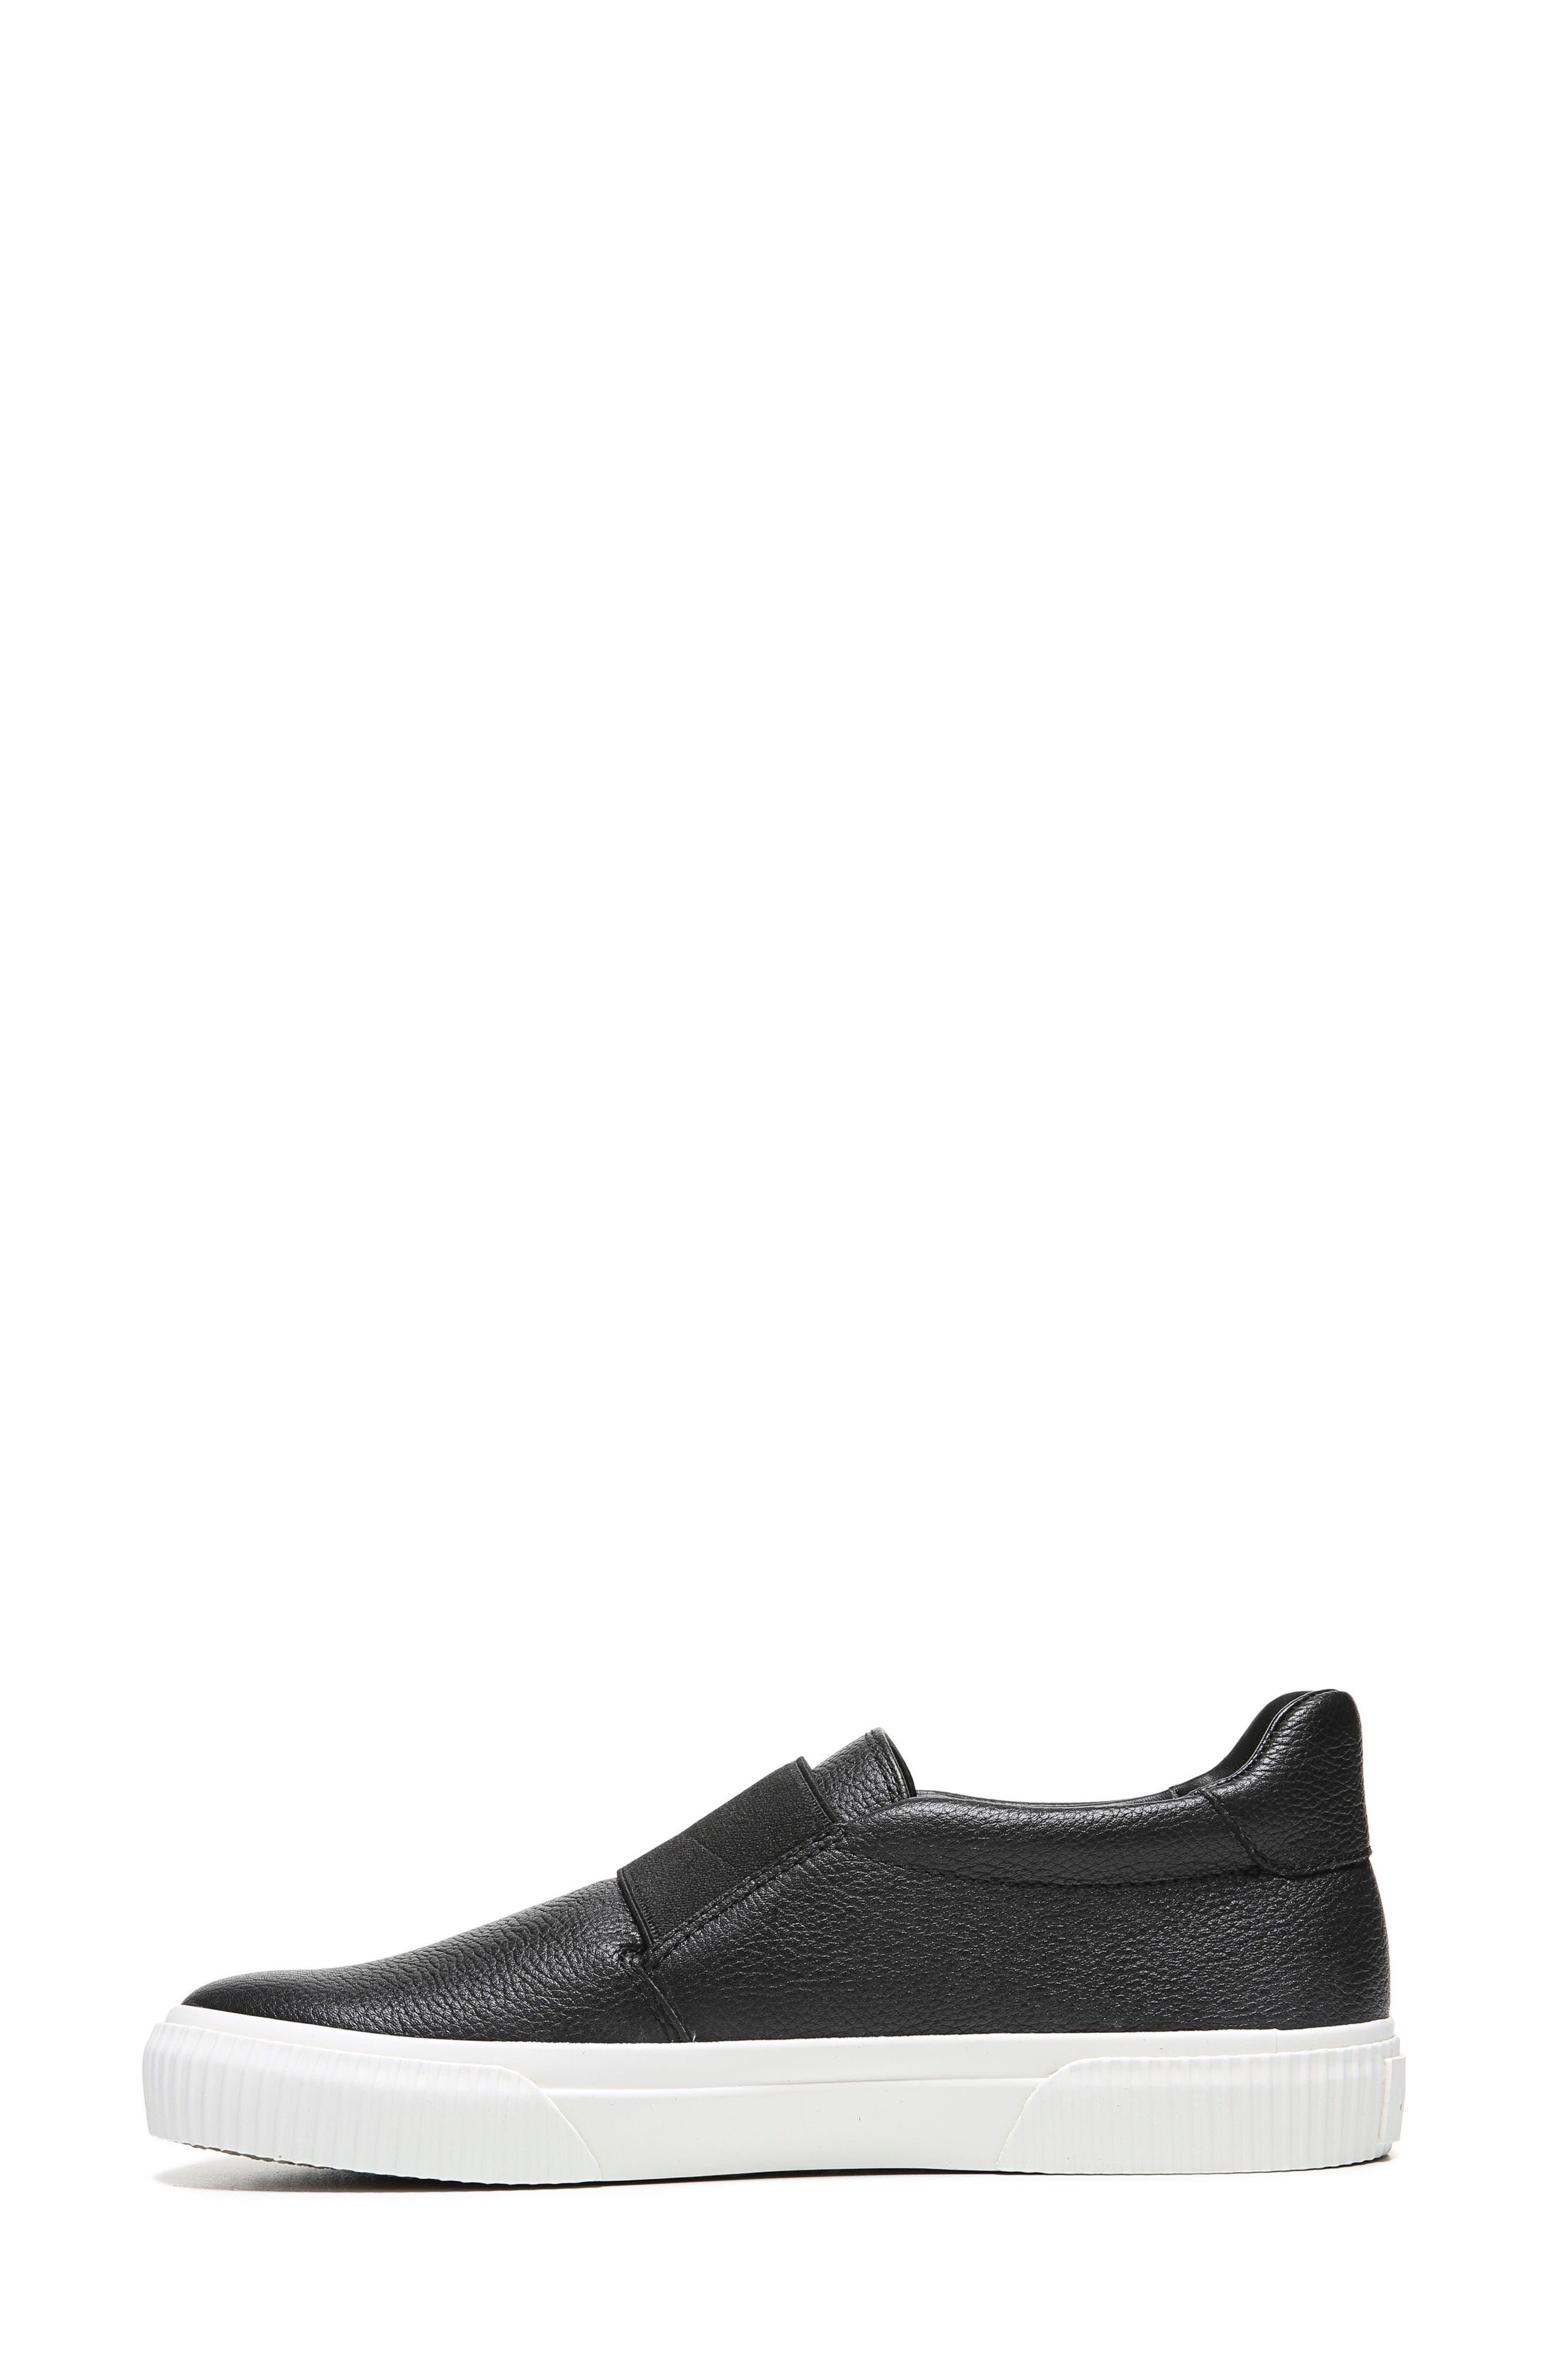 Kirkland Slip-On Sneaker,                             Alternate thumbnail 3, color,                             001